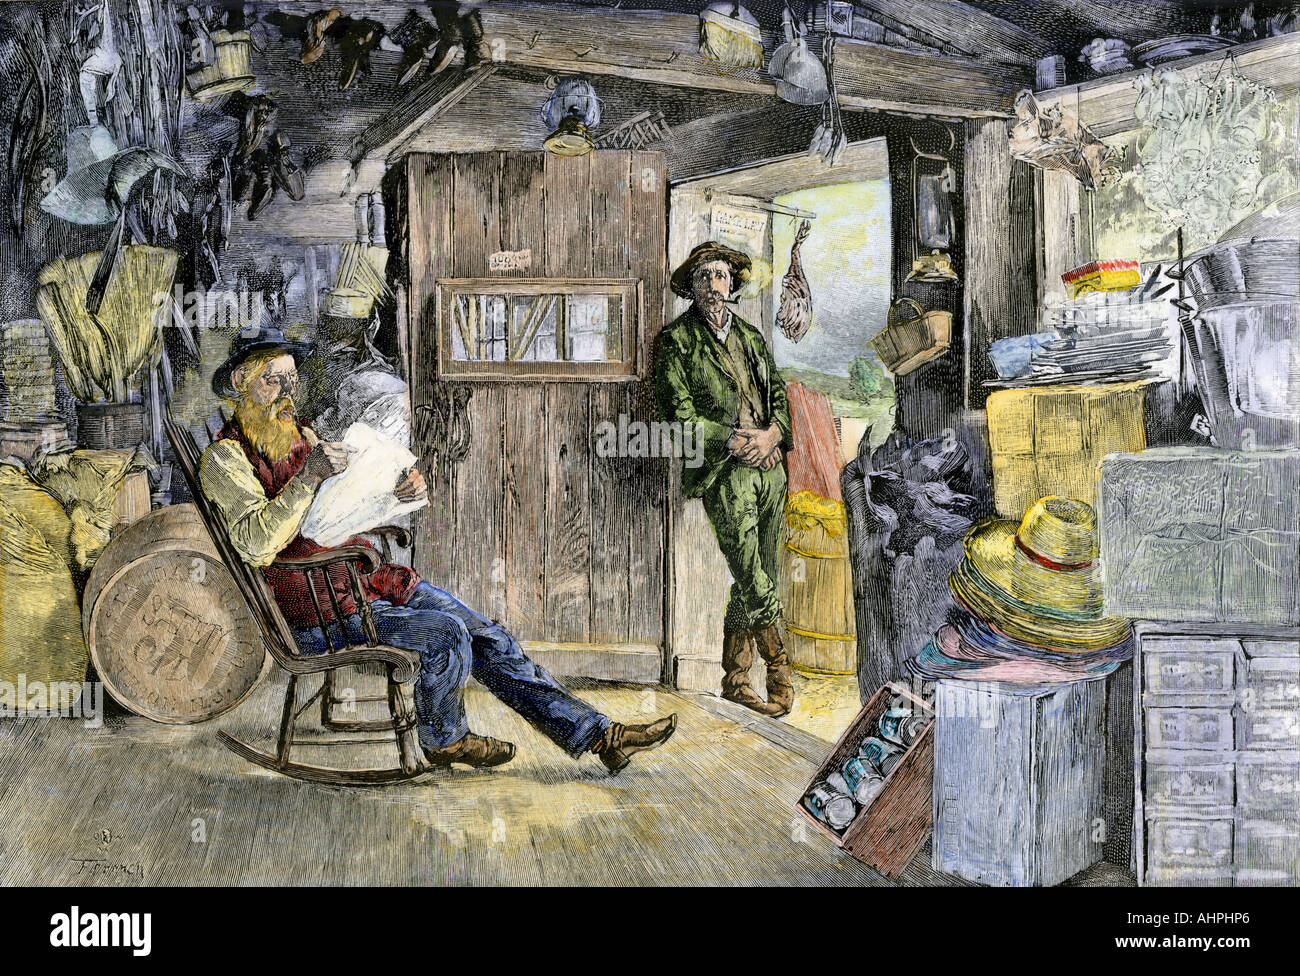 Village country store dans les années 1800. À la main, gravure sur bois Banque D'Images